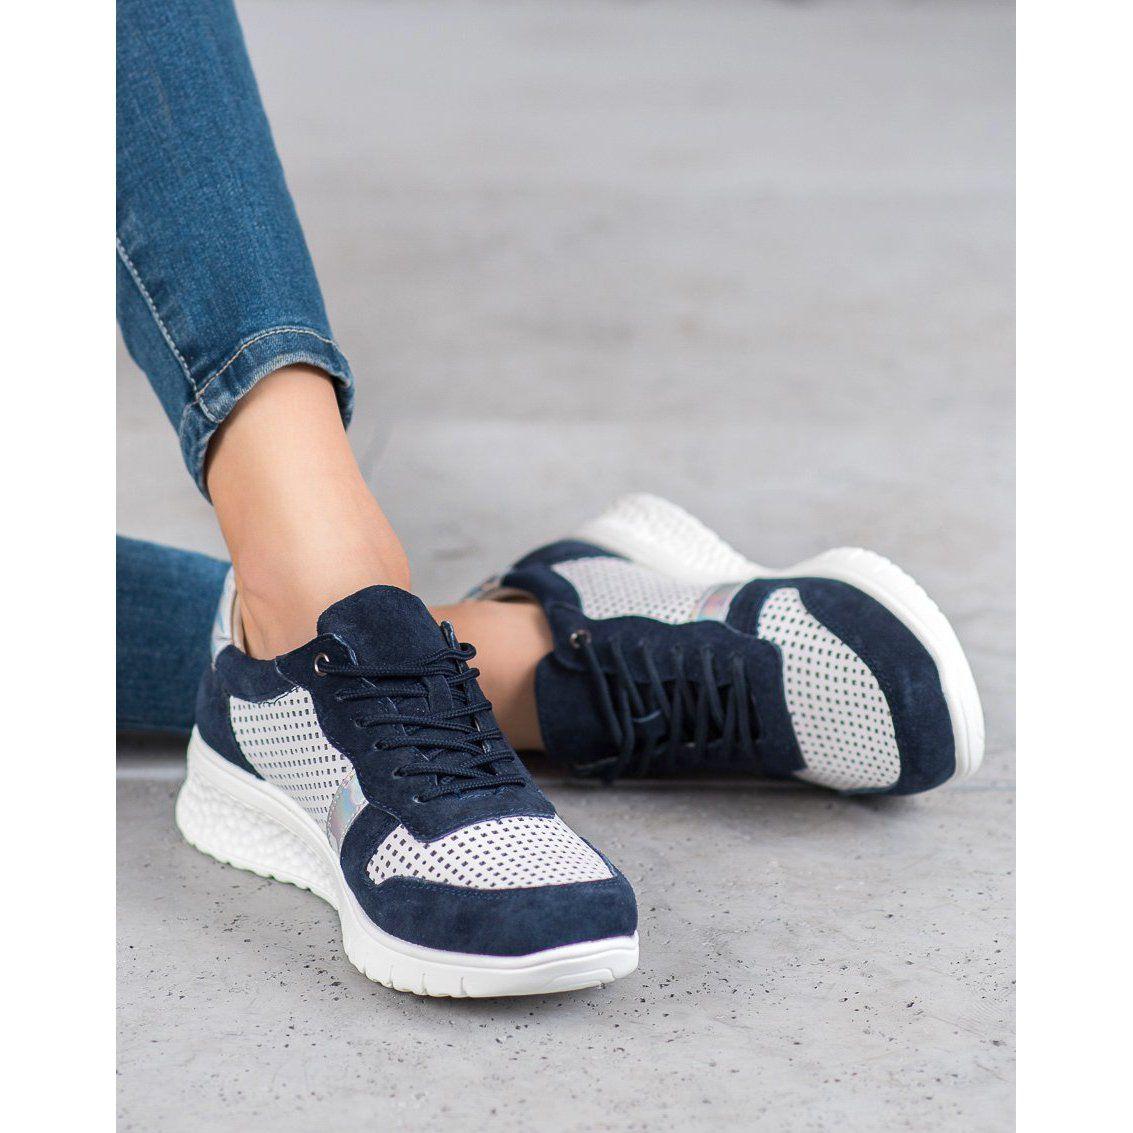 Filippo Skorzane Polbuty Z Efektem Holo Biale Granatowe Szare Sneakers Nike Nike Huarache Shoes